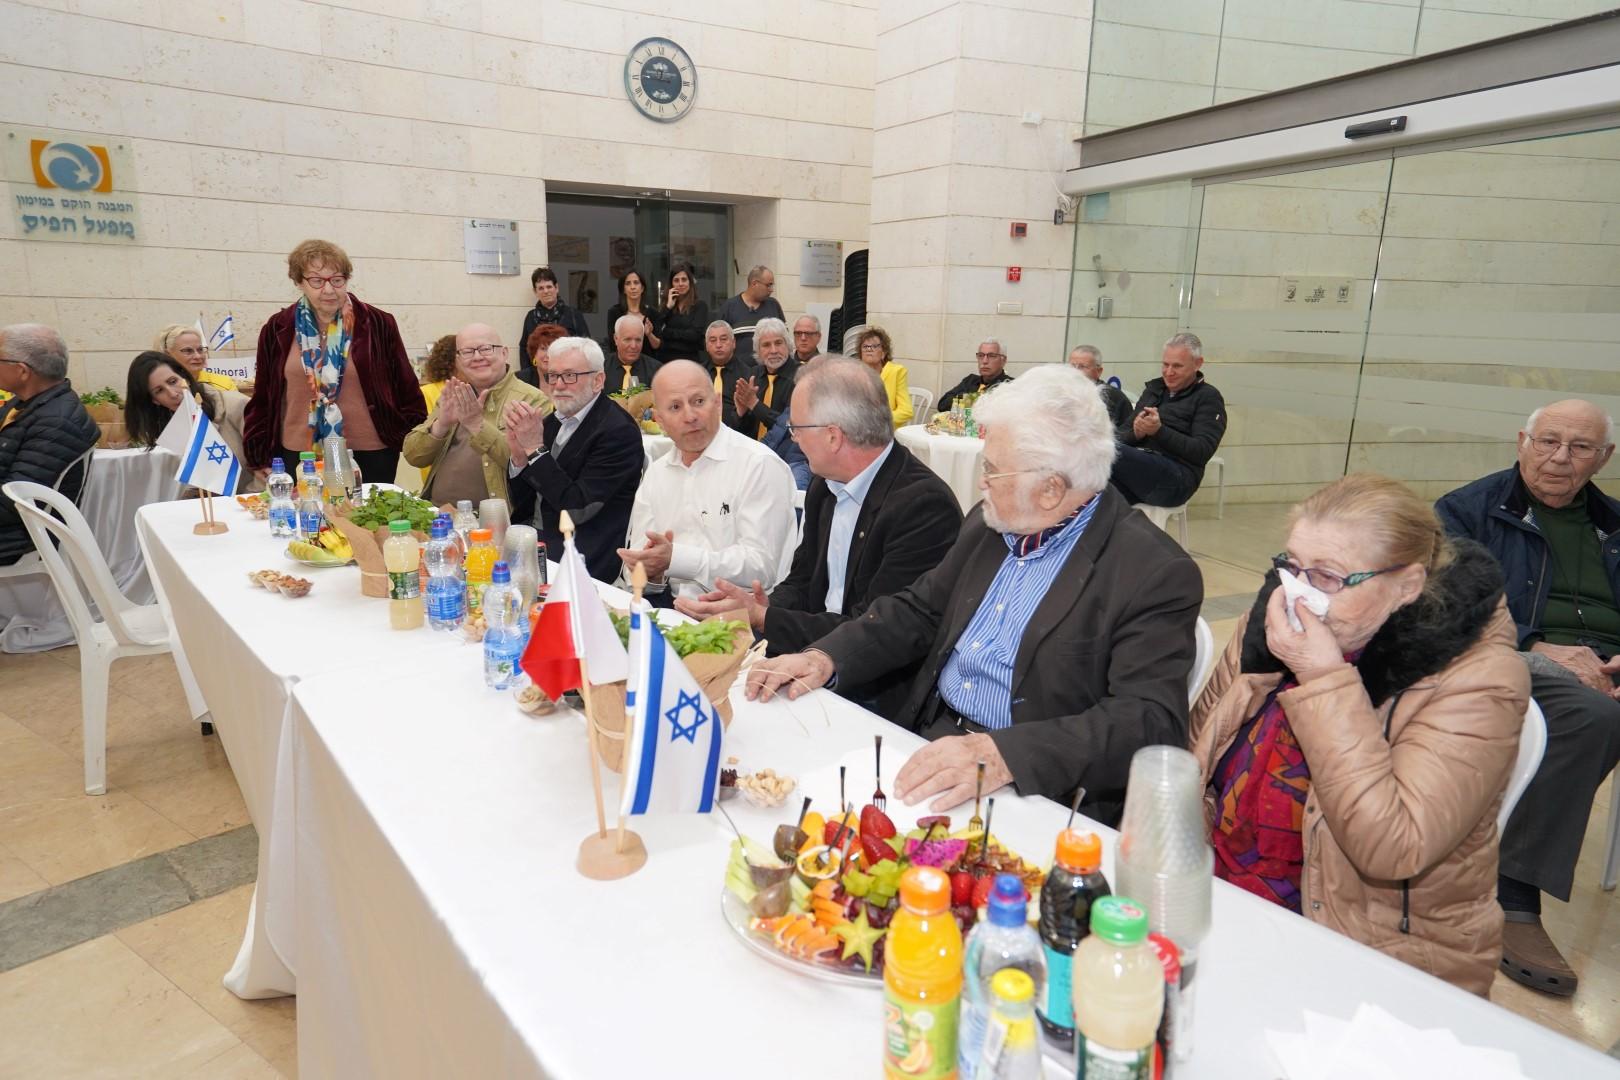 ברית ערים תאומות בין עפולה לבילגוראיי מפולין מציינת עשור